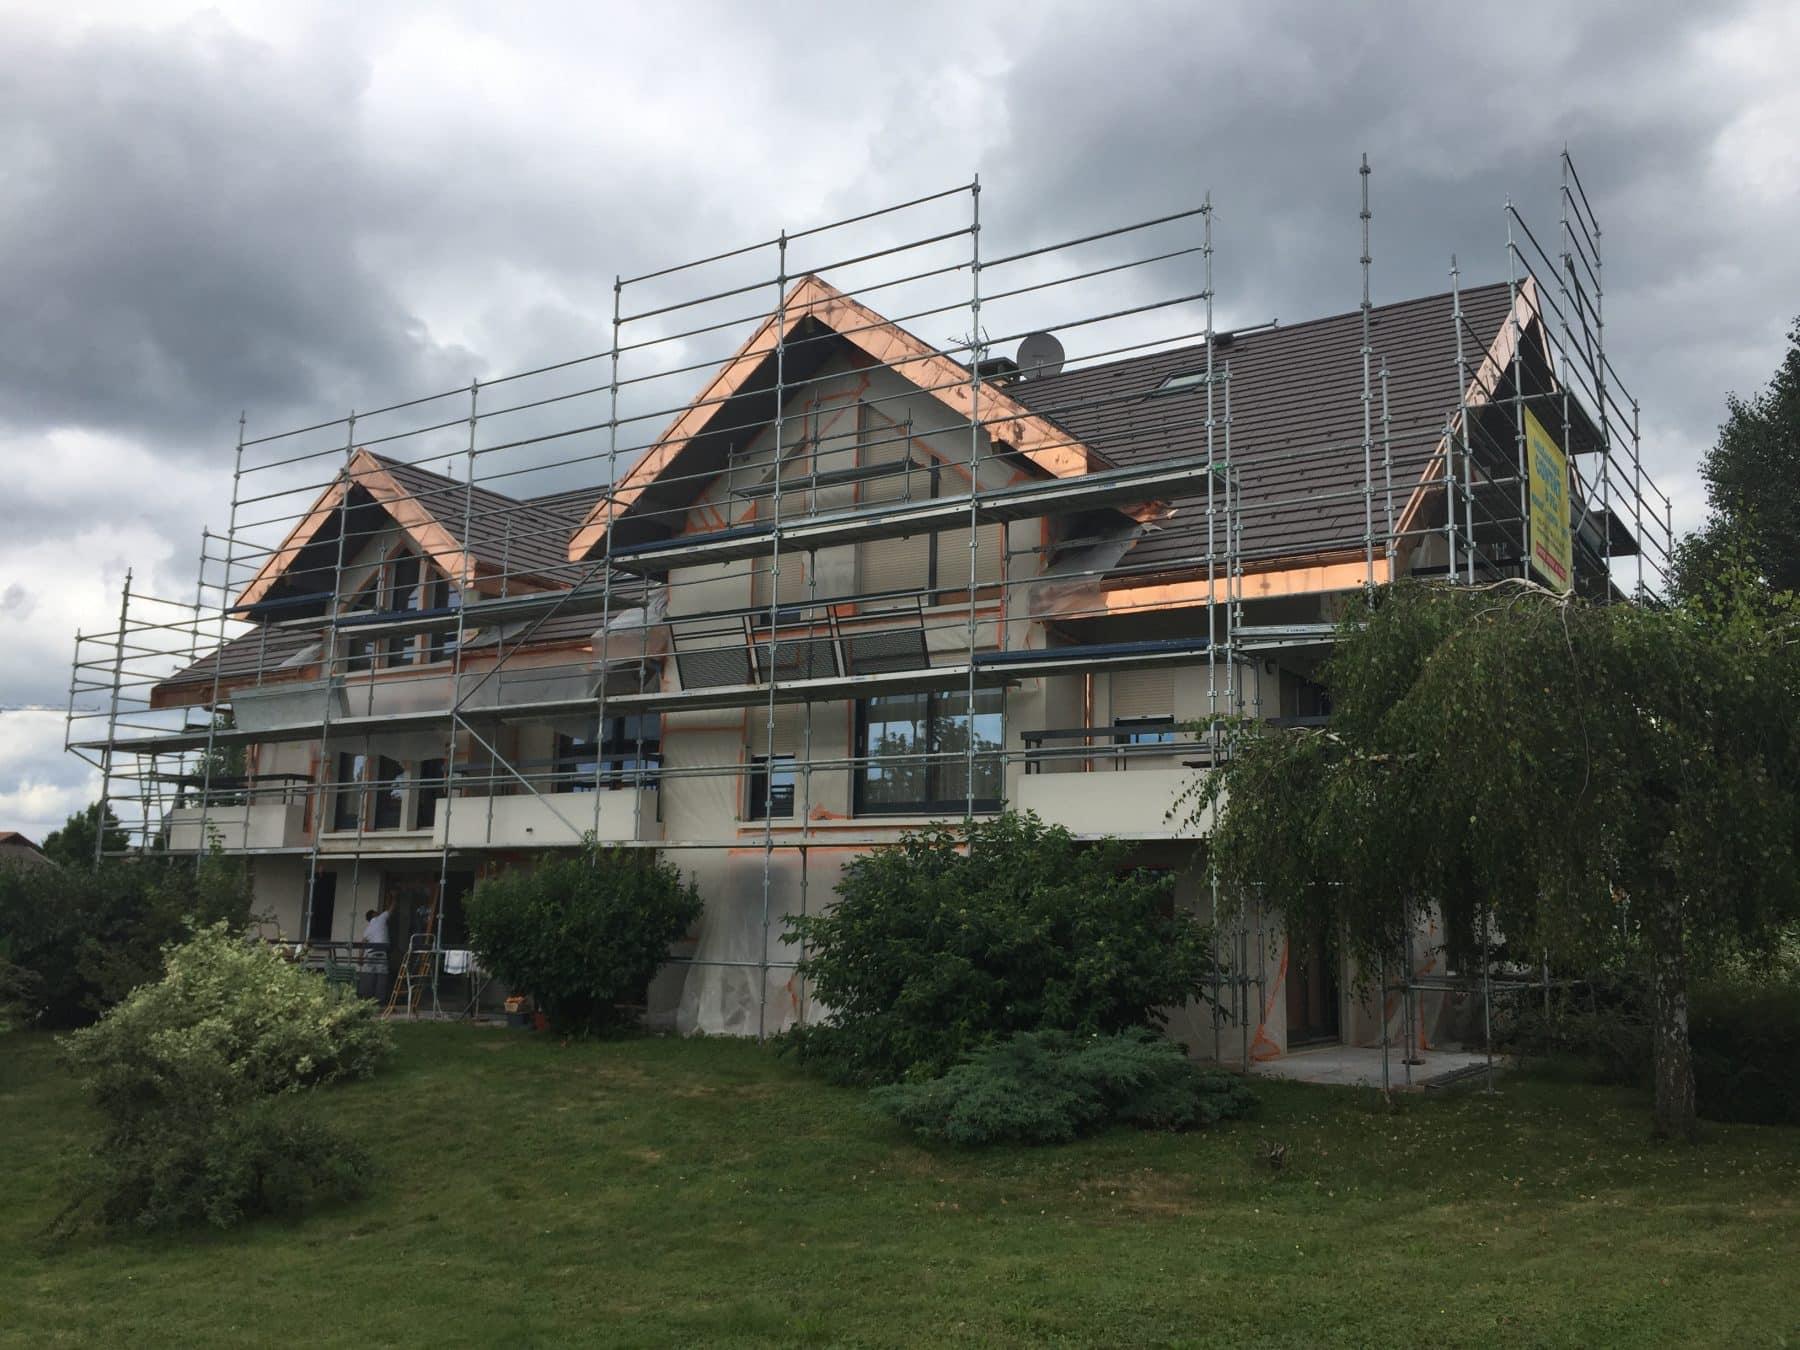 Rénovation thermique immeuble Villaz